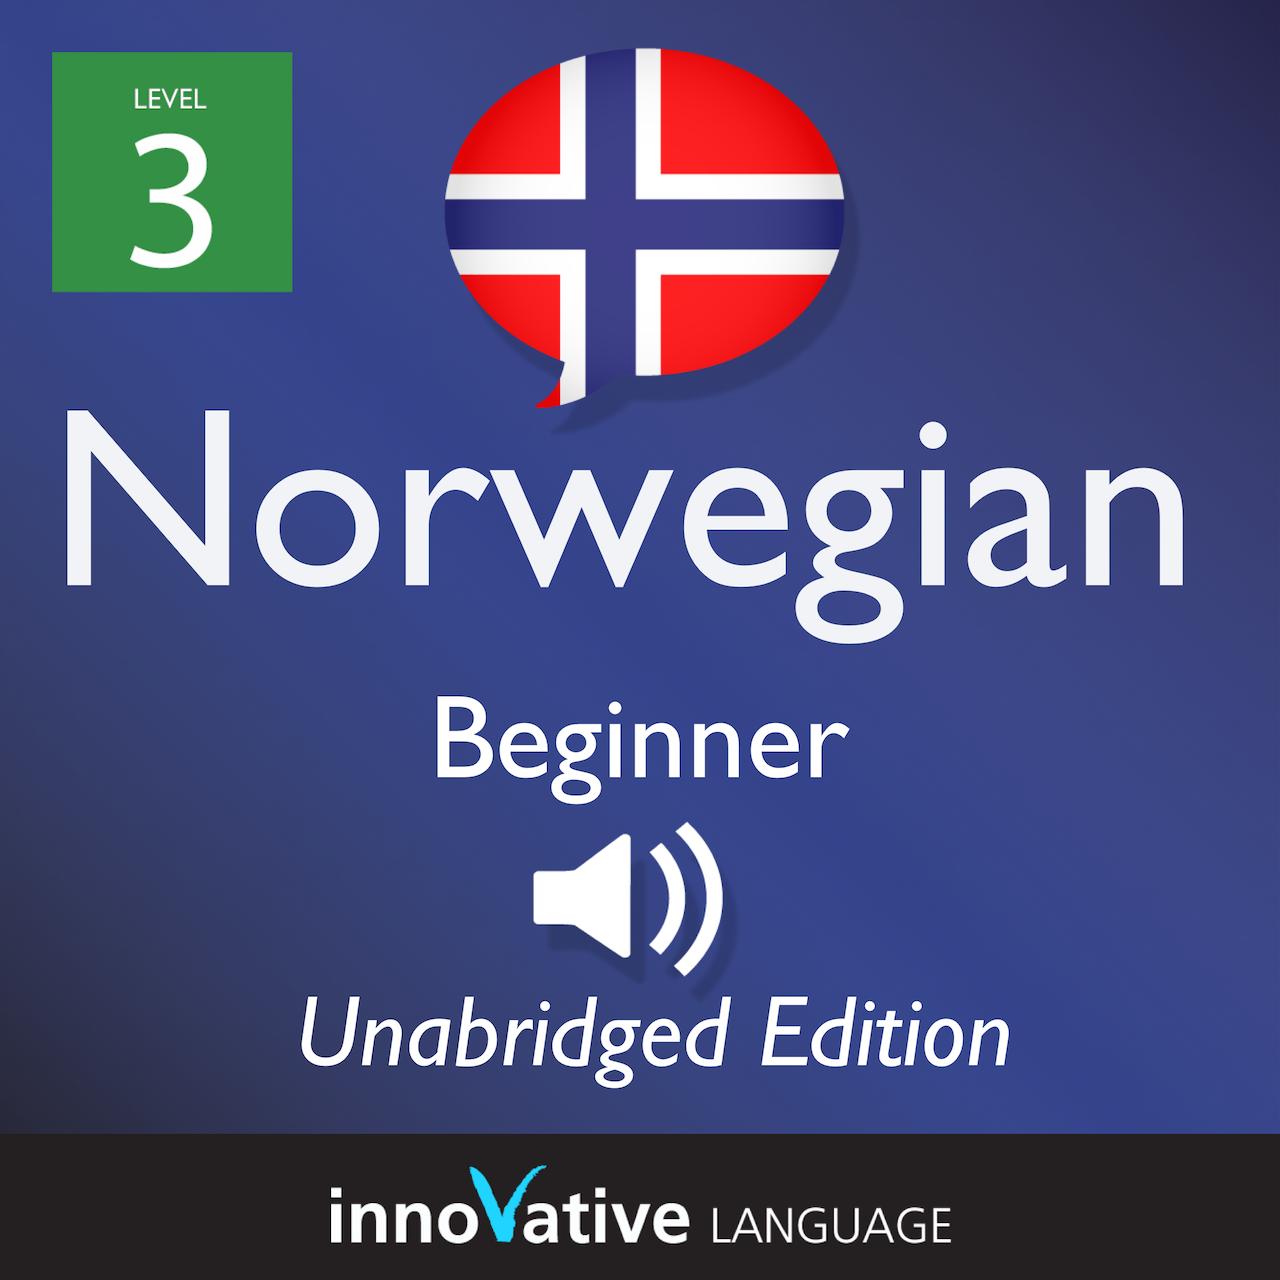 Level Beginner: Level 3: Beginner Norwegian